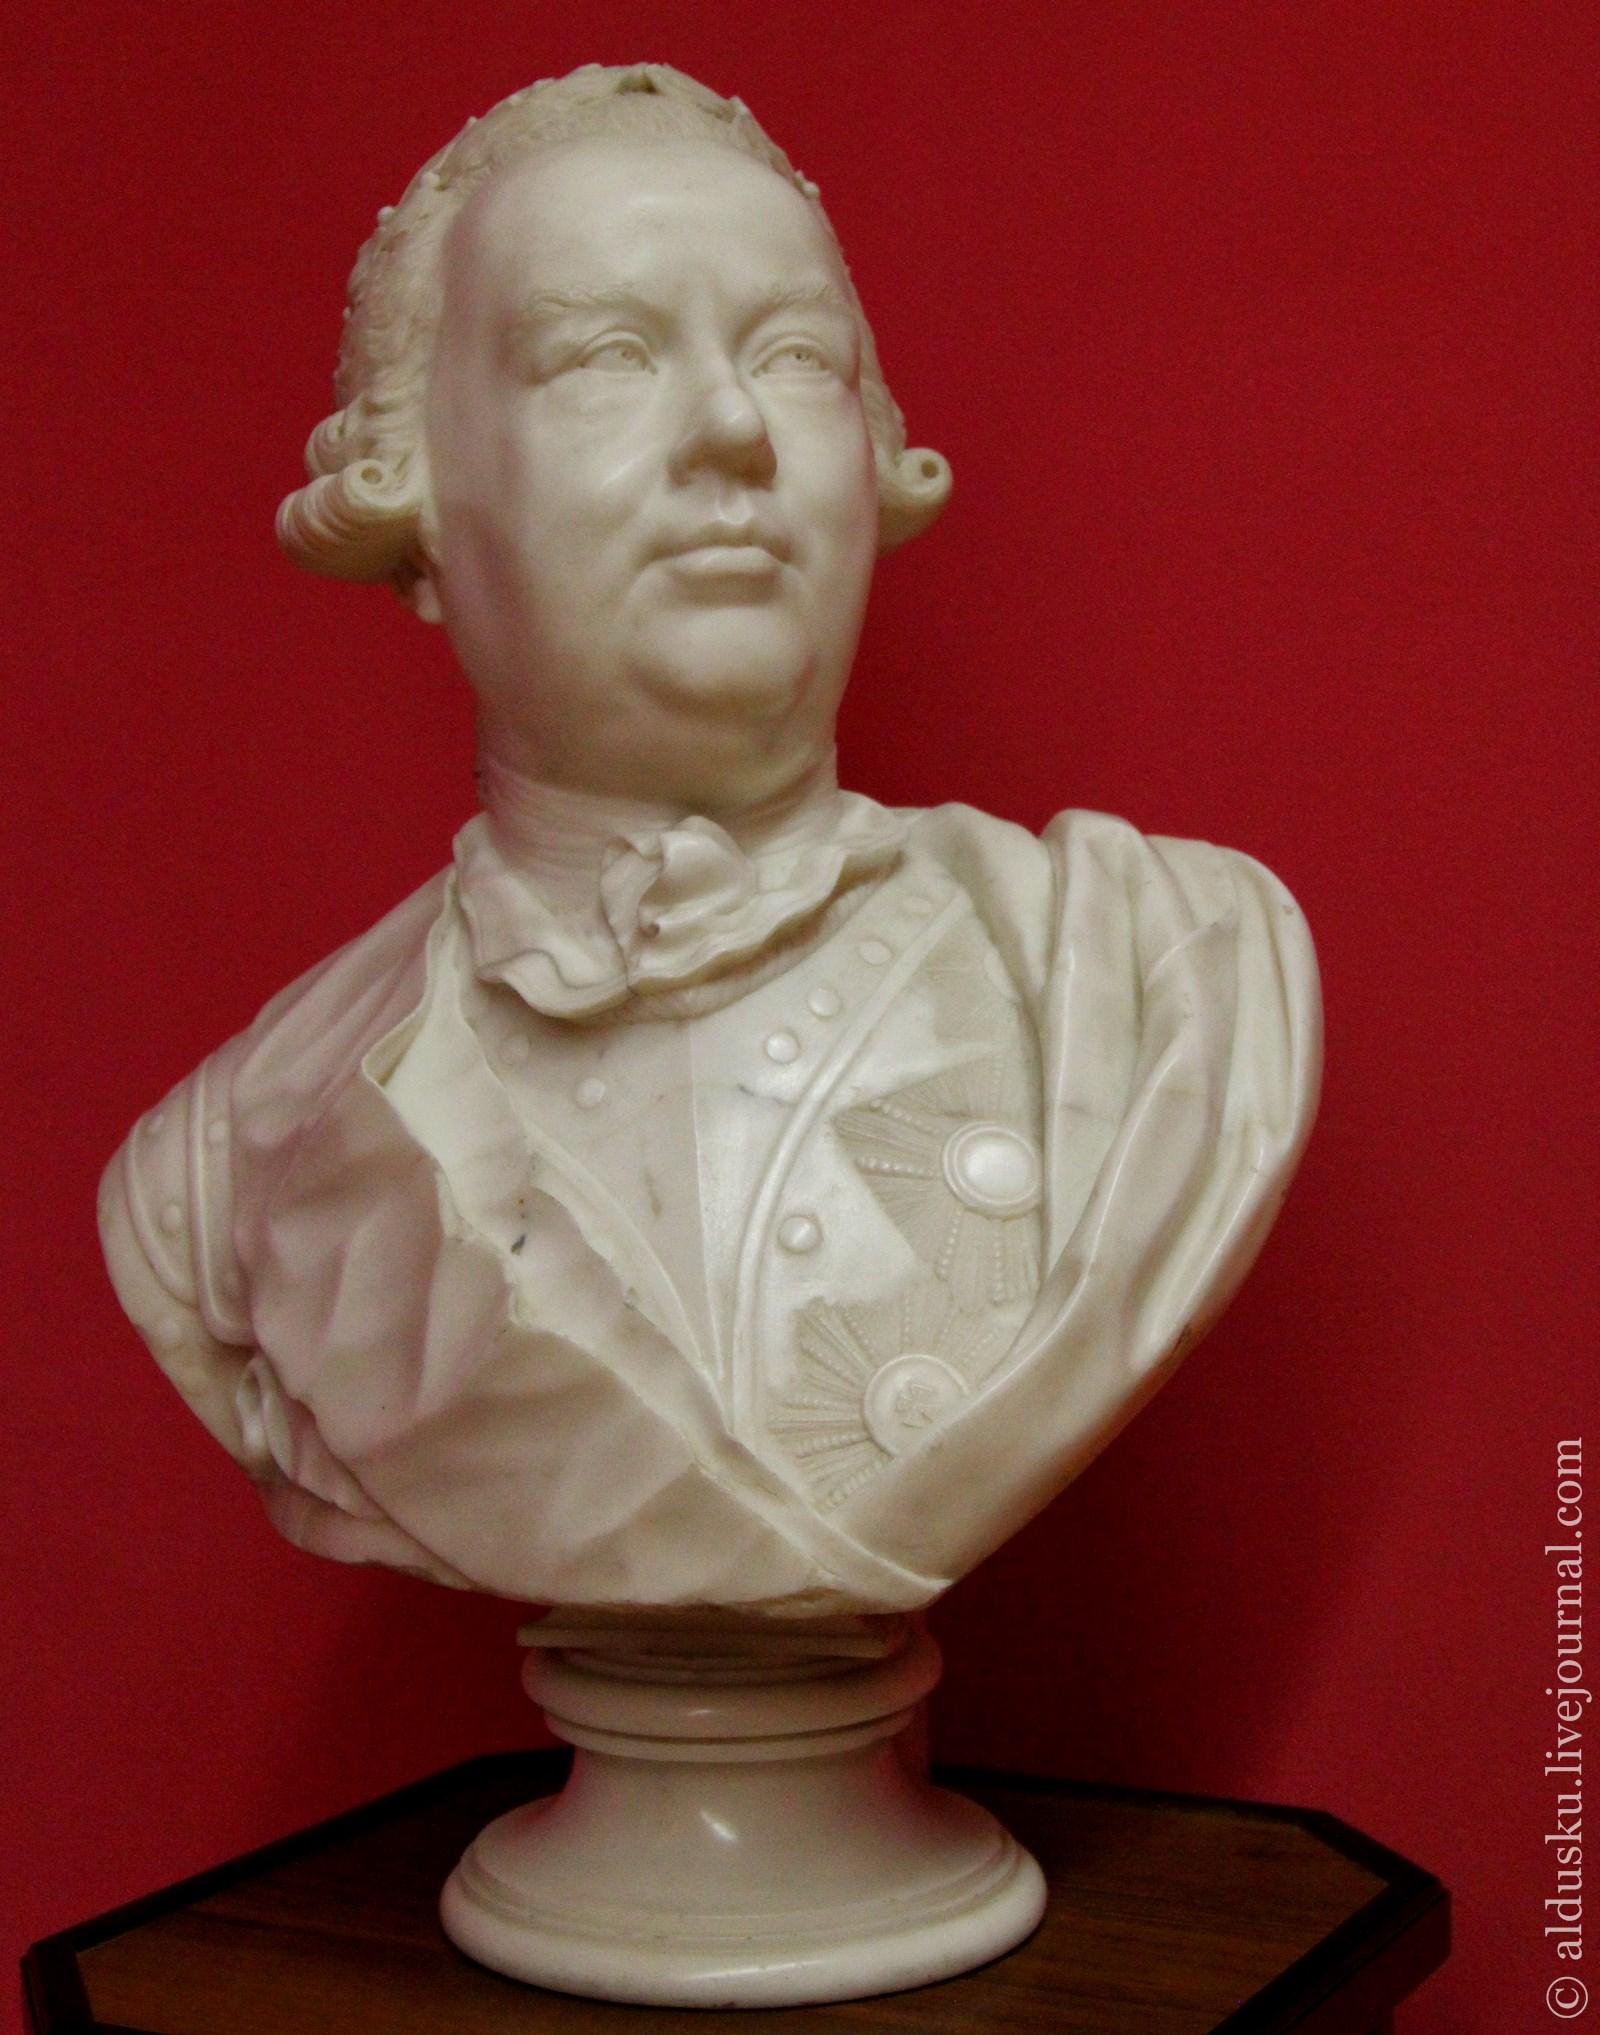 Шубин Ф.И. (1740–1805) Генерал-фельдмаршал граф П.А. Румянцев-Задунайский. 1778. Мрамор